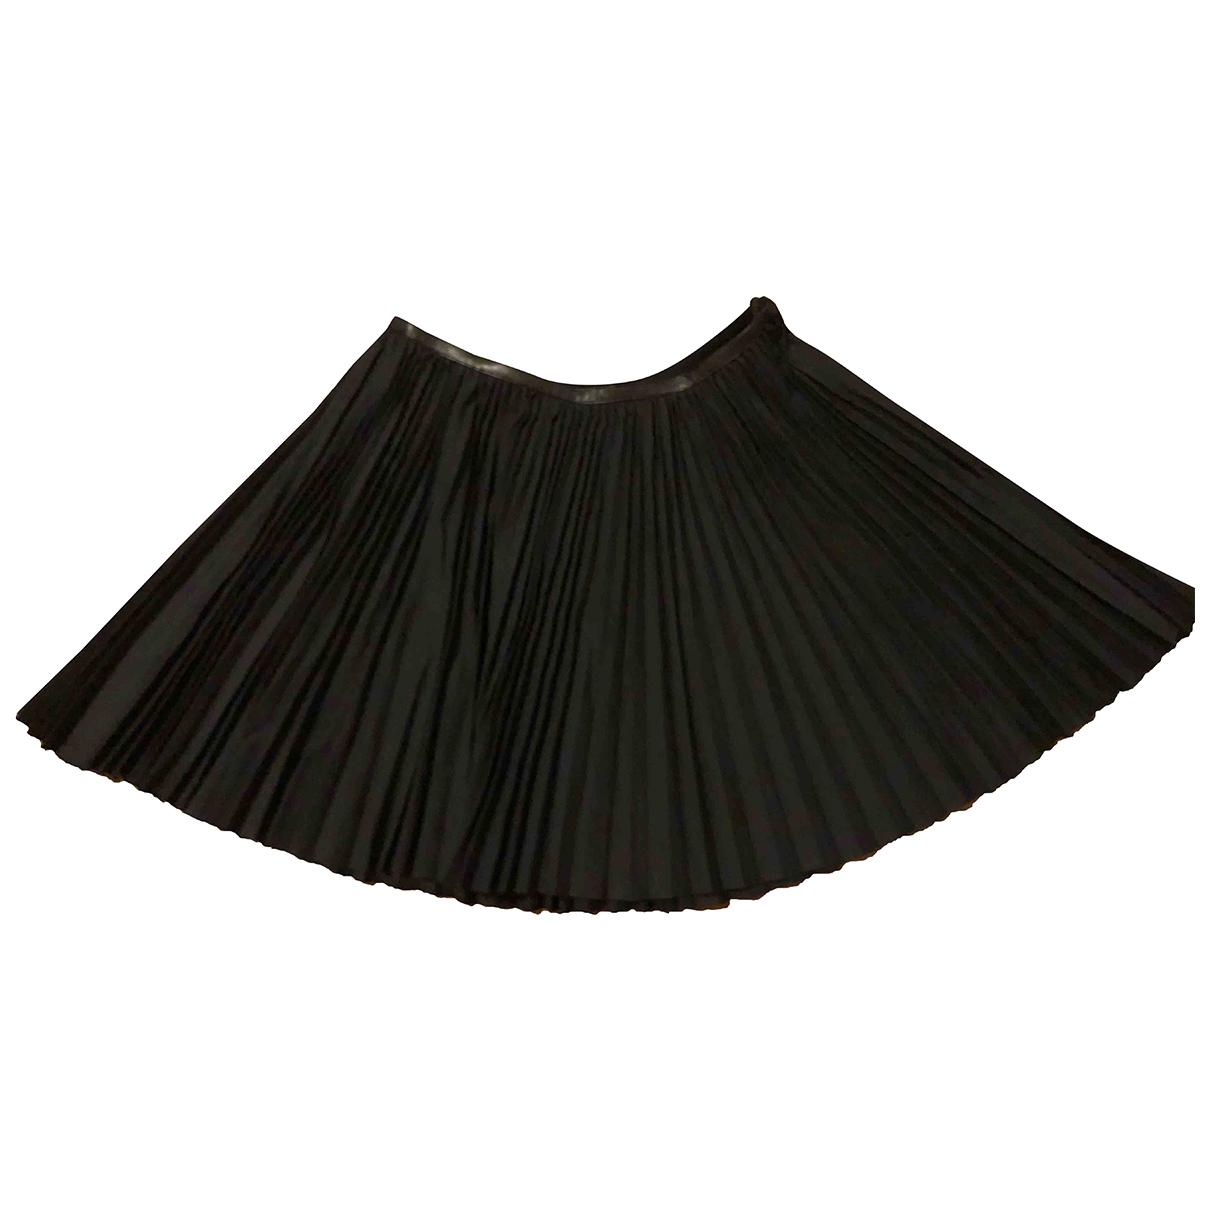 Ohne Titel \N Black skirt for Women XS International